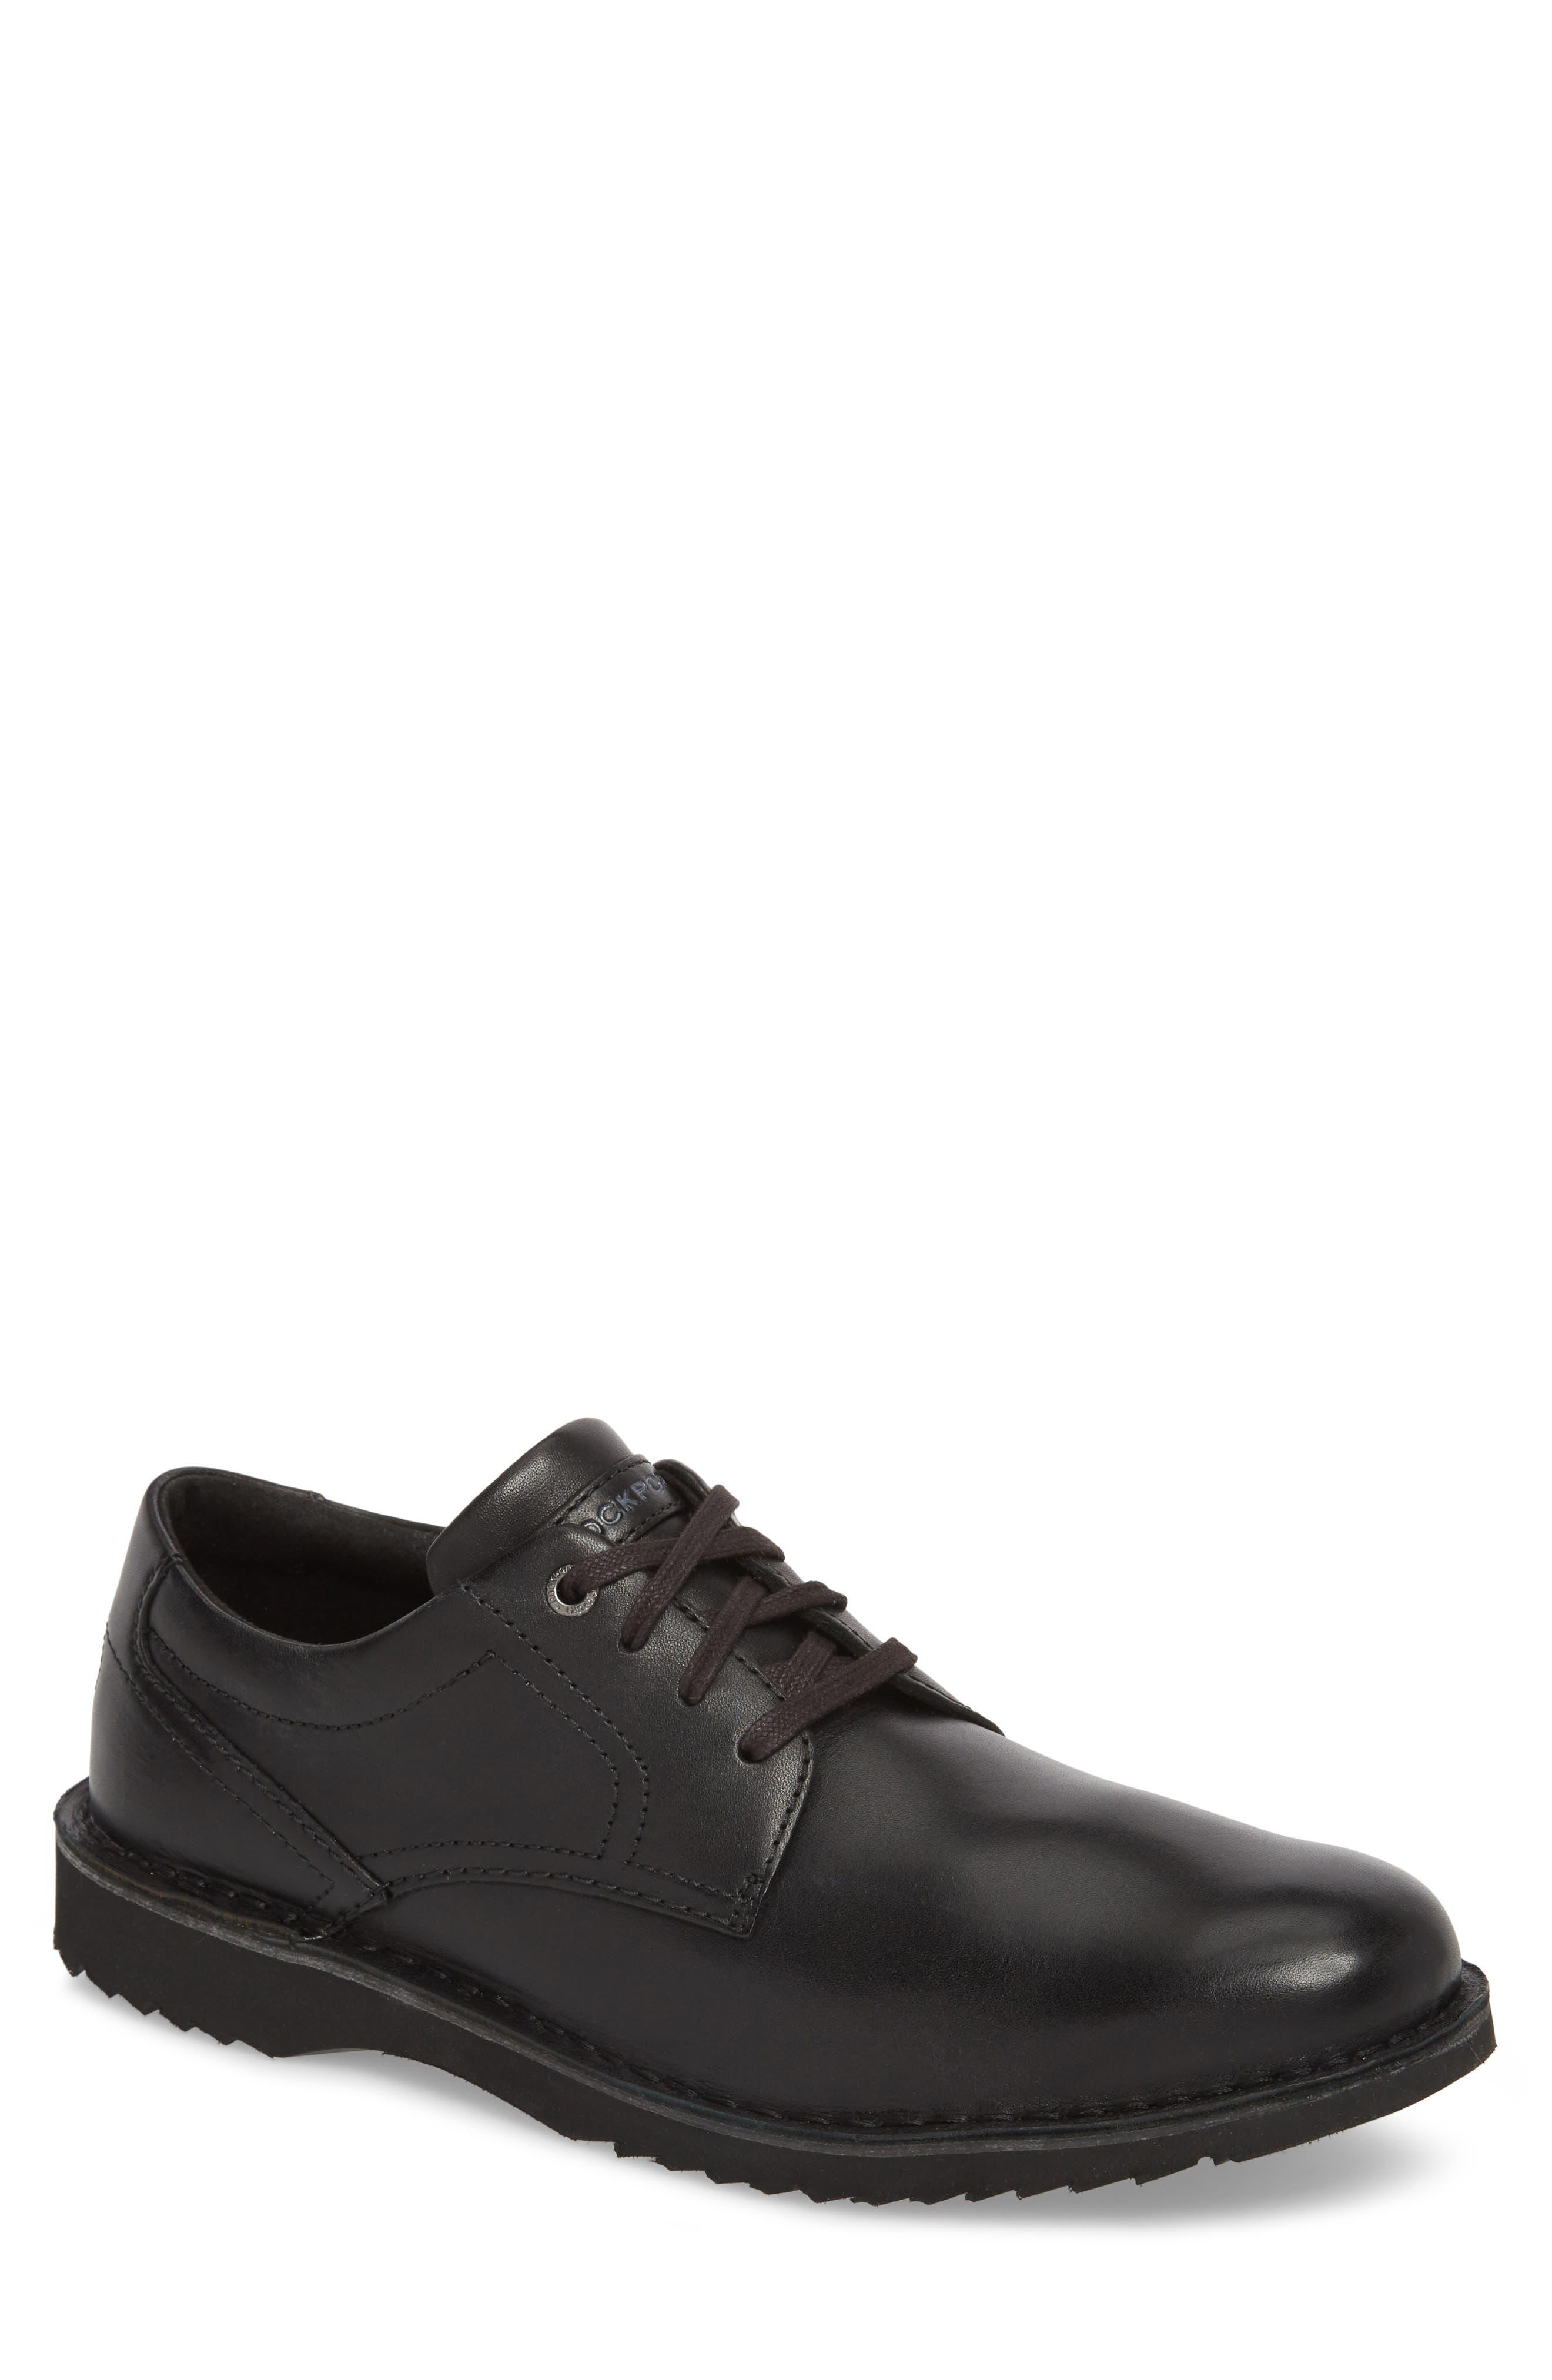 Cabot Plain Toe Derby,                         Main,                         color, Black Leather